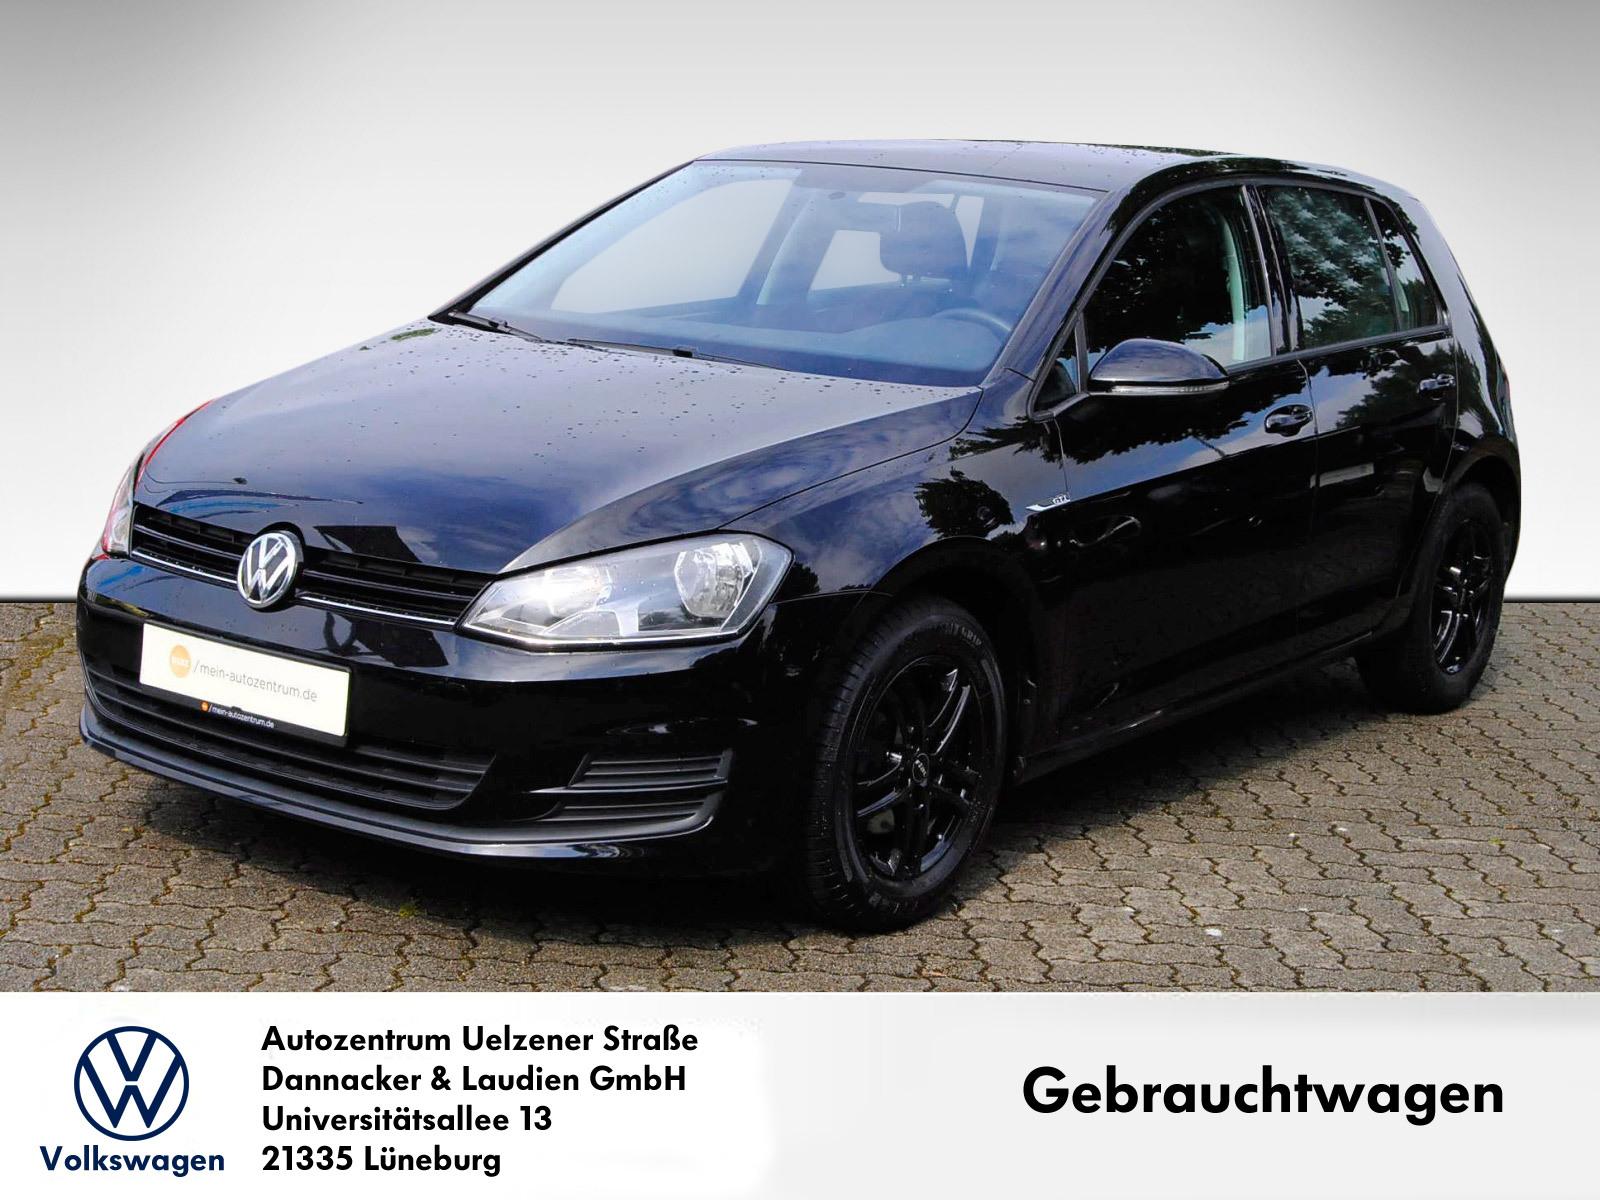 Volkswagen Golf VII 1.2 TSI BMT Klima MFA Tagfahrl. AHK, Jahr 2014, Benzin